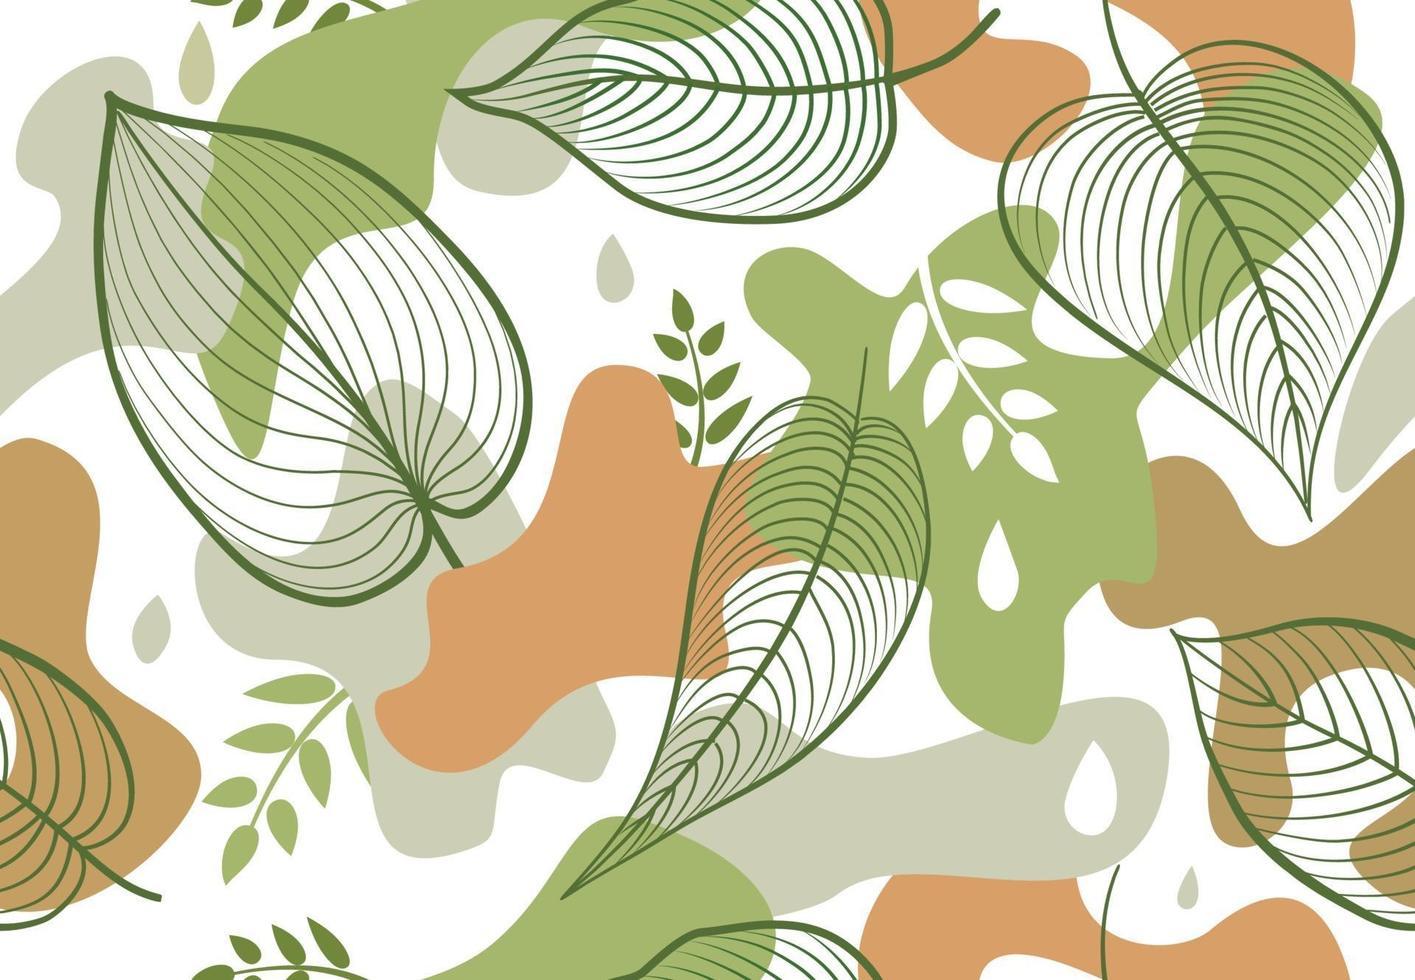 de patrones sin fisuras con manchas de forma orgánica en estilo memphis. elegante papel pintado floral con hojas. vector